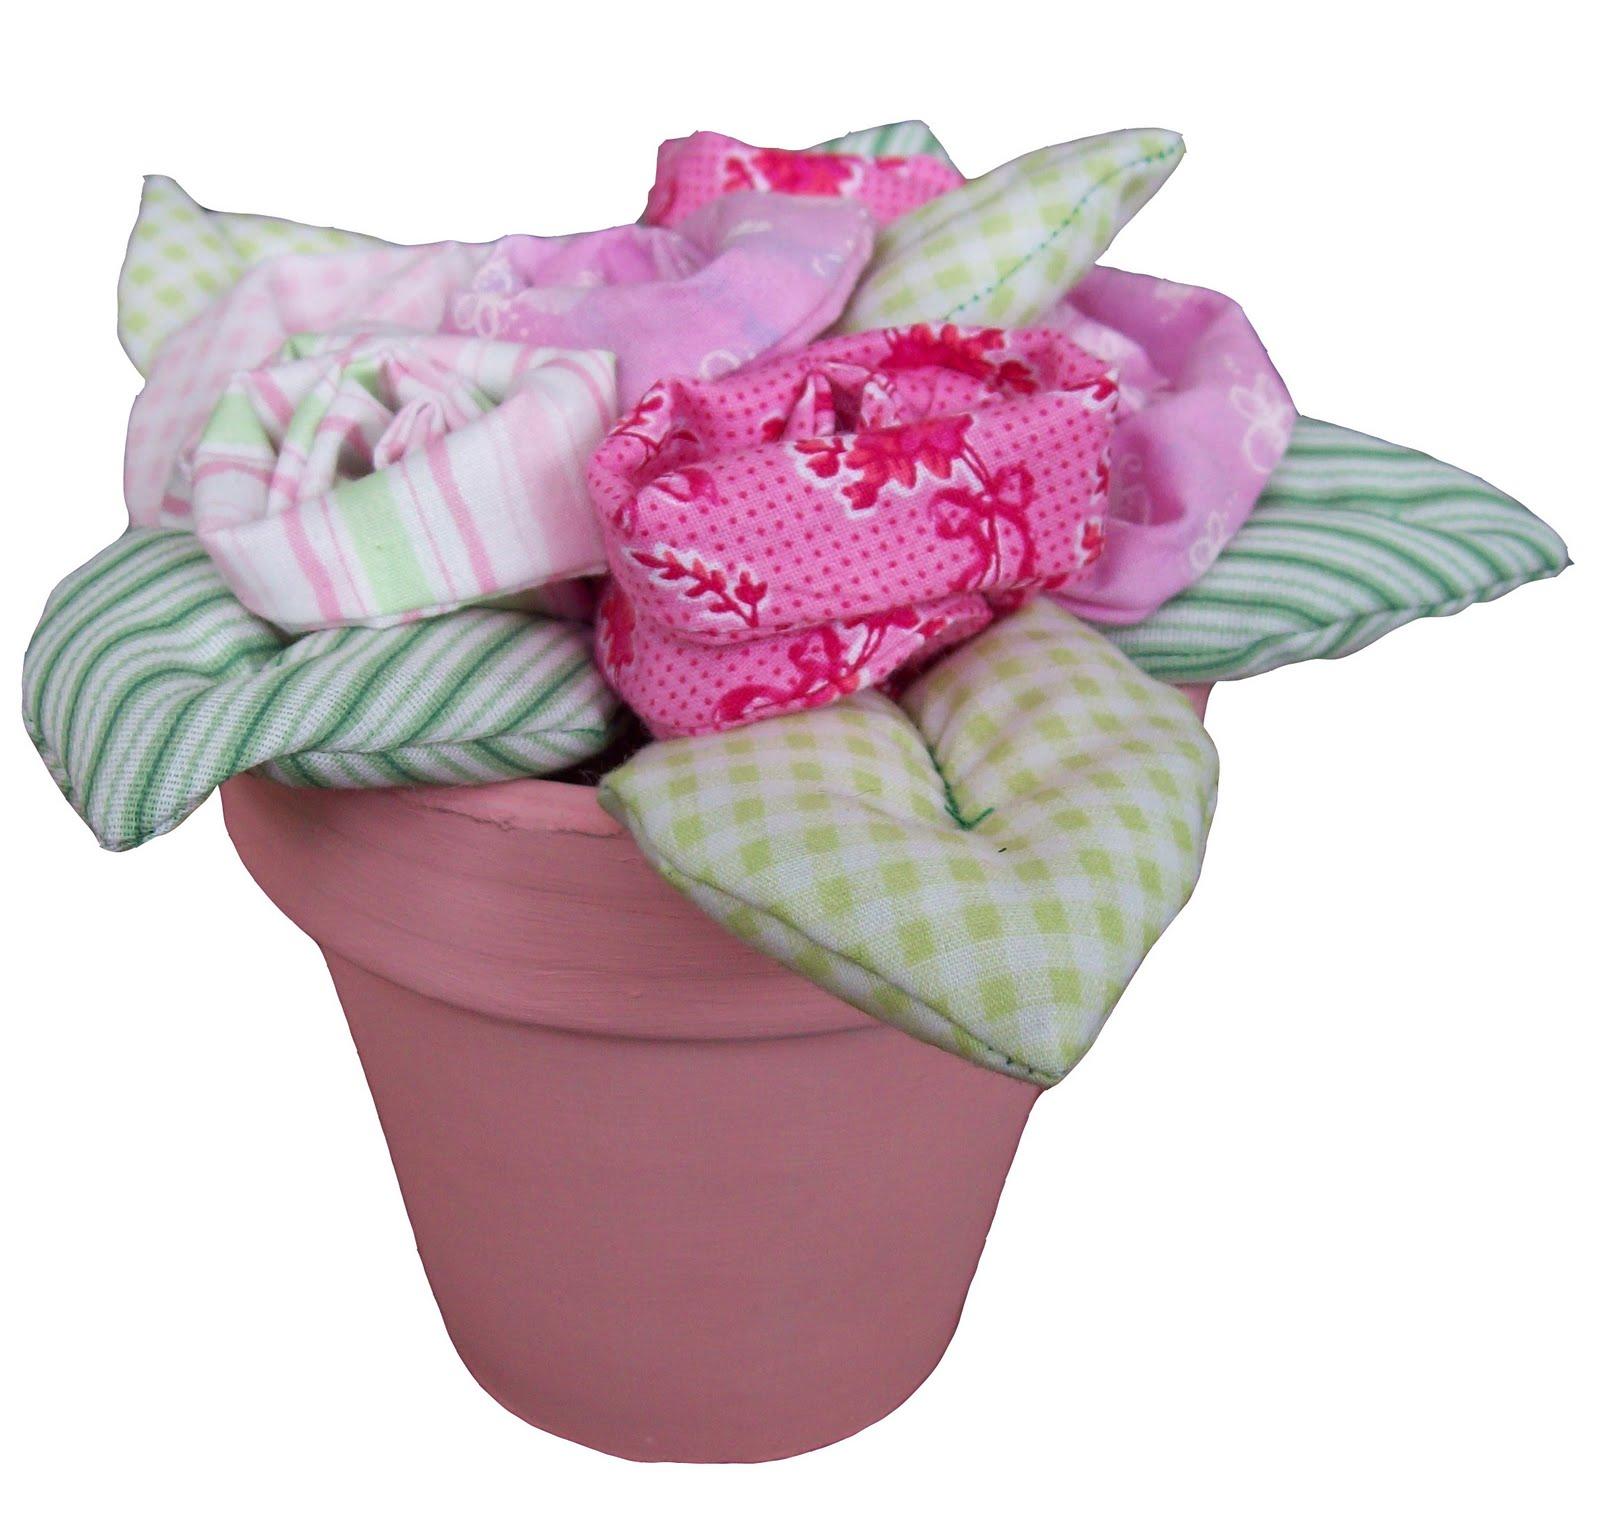 Mimi mel n deco enero 2011 - Flores de telas hechas a mano ...